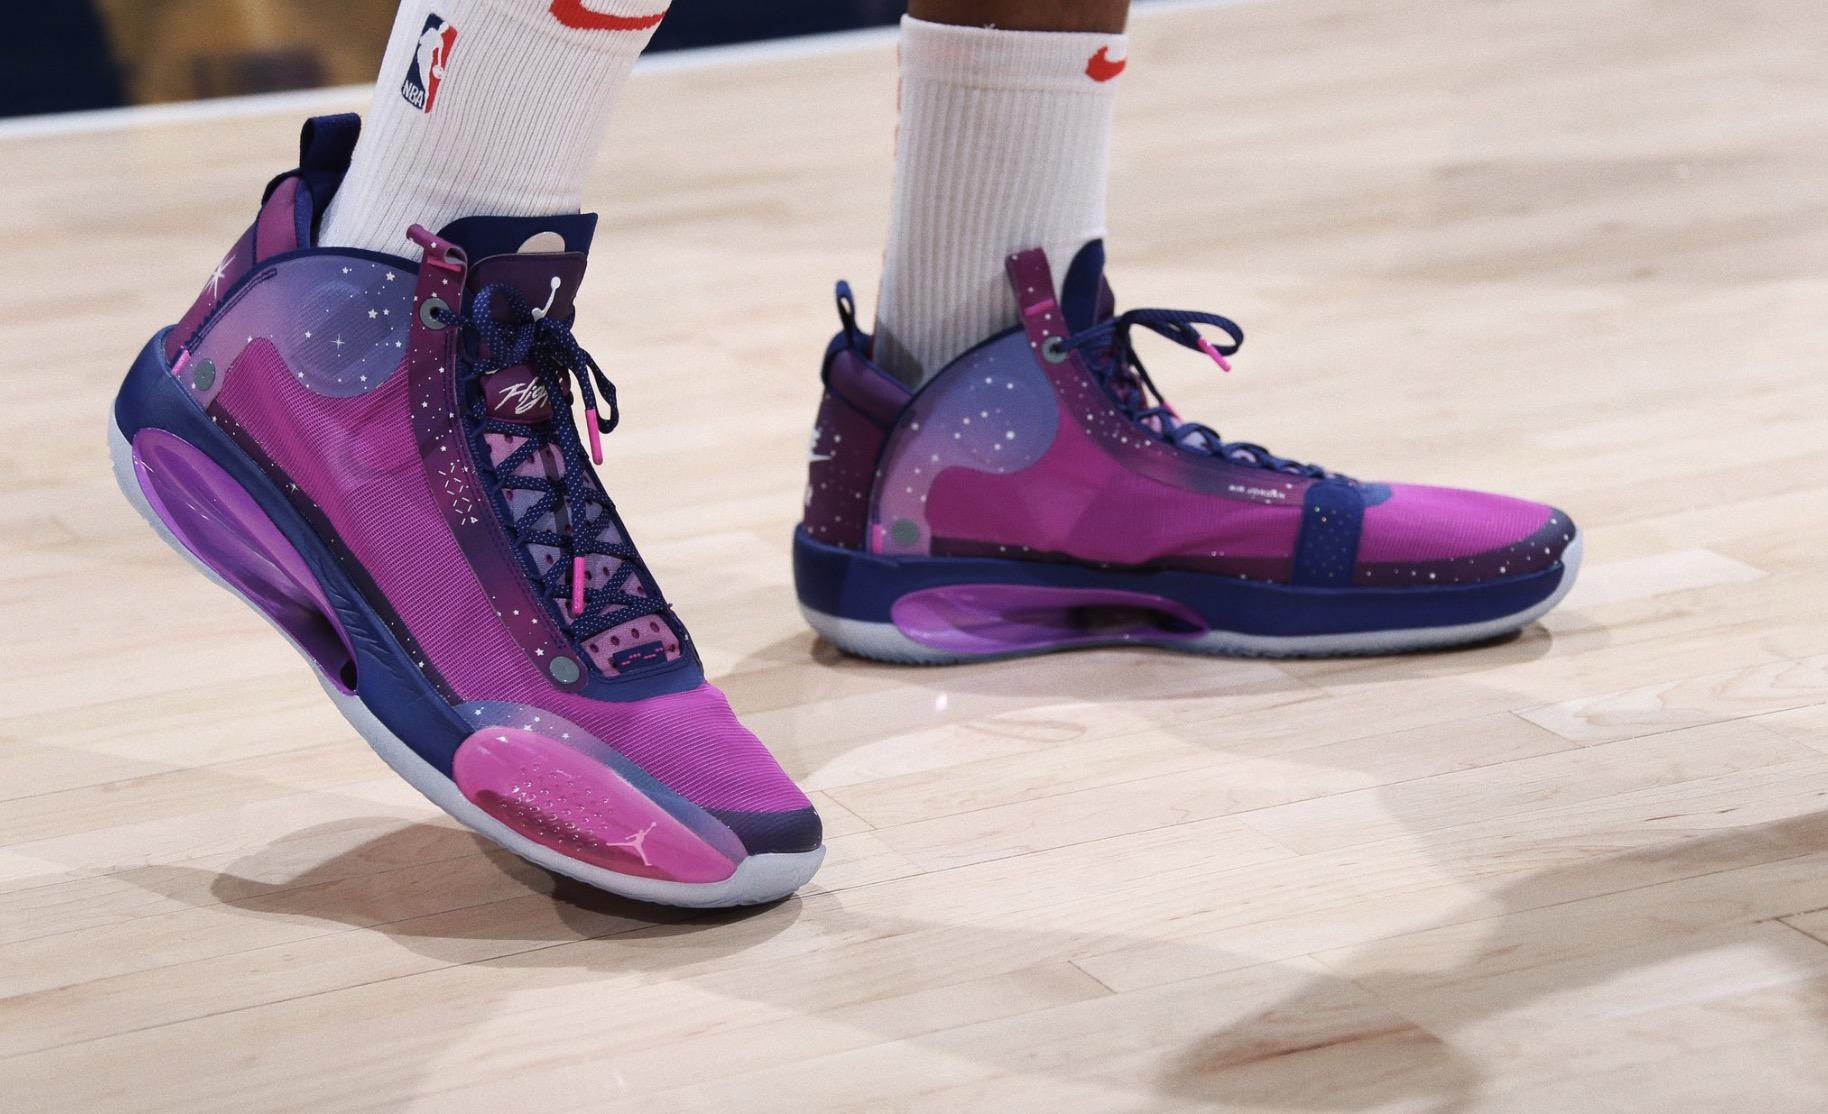 今日球鞋:灰熊教练组上脚Kobe系列,八村垒上脚星空AJ34